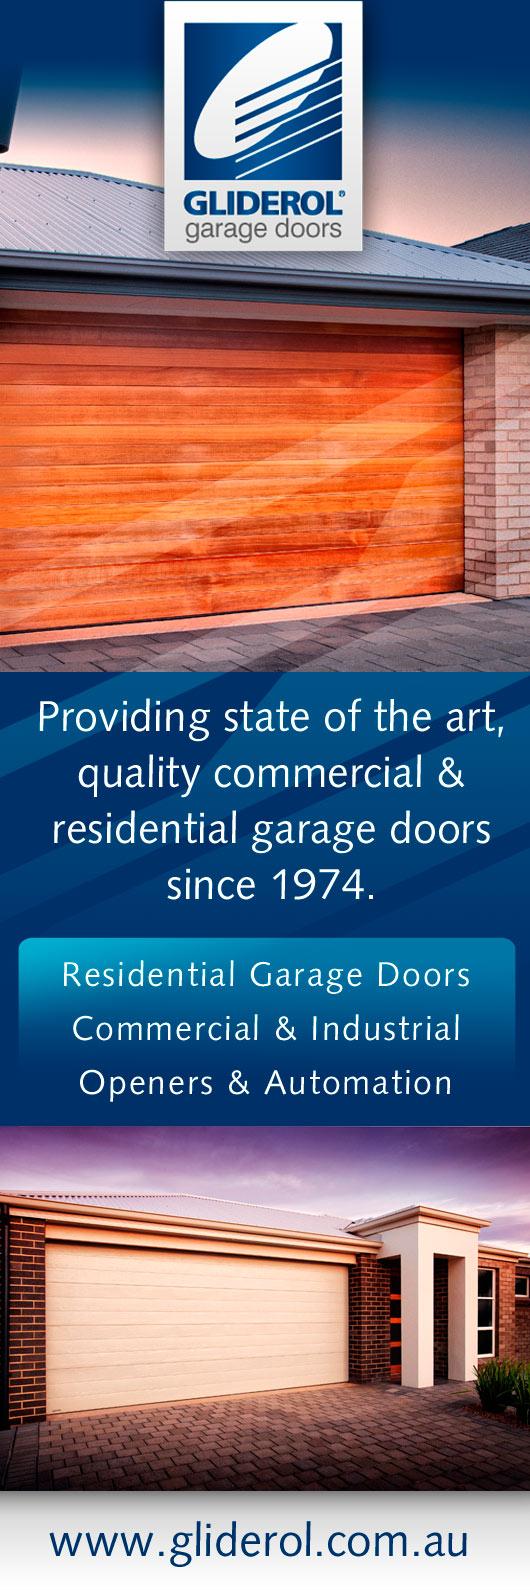 gliderol garage doors garage doors fittings perth gliderol garage doors promotion